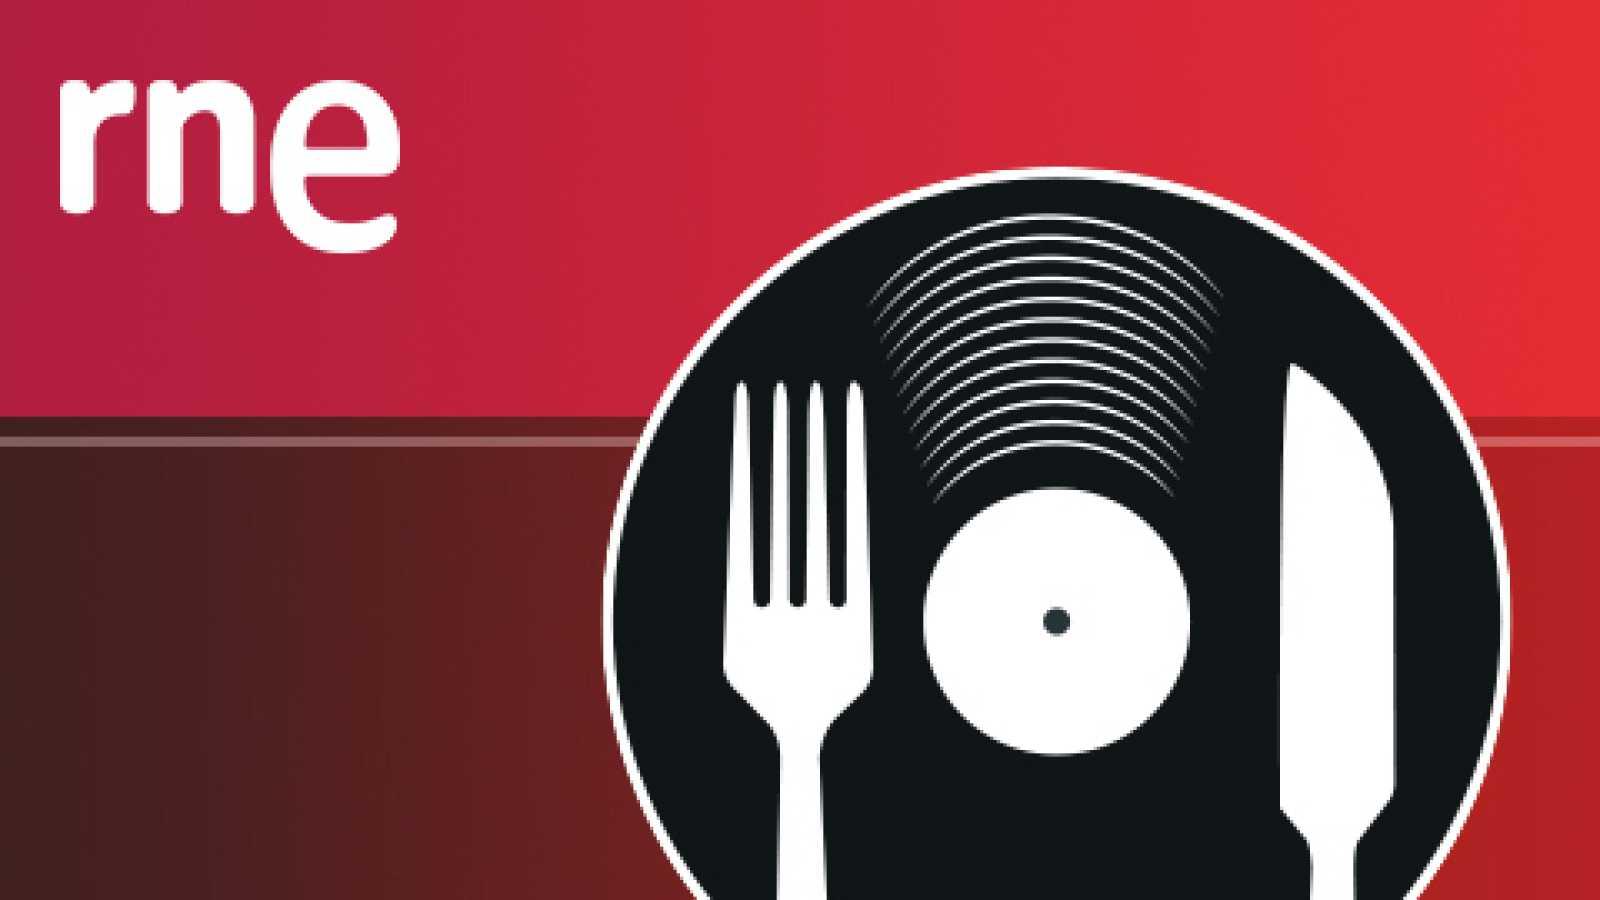 Comer y cantar - Ensalada de naranja con níscalos asados y pescado en salazón casero - 27/04/14 - escuchar ahora